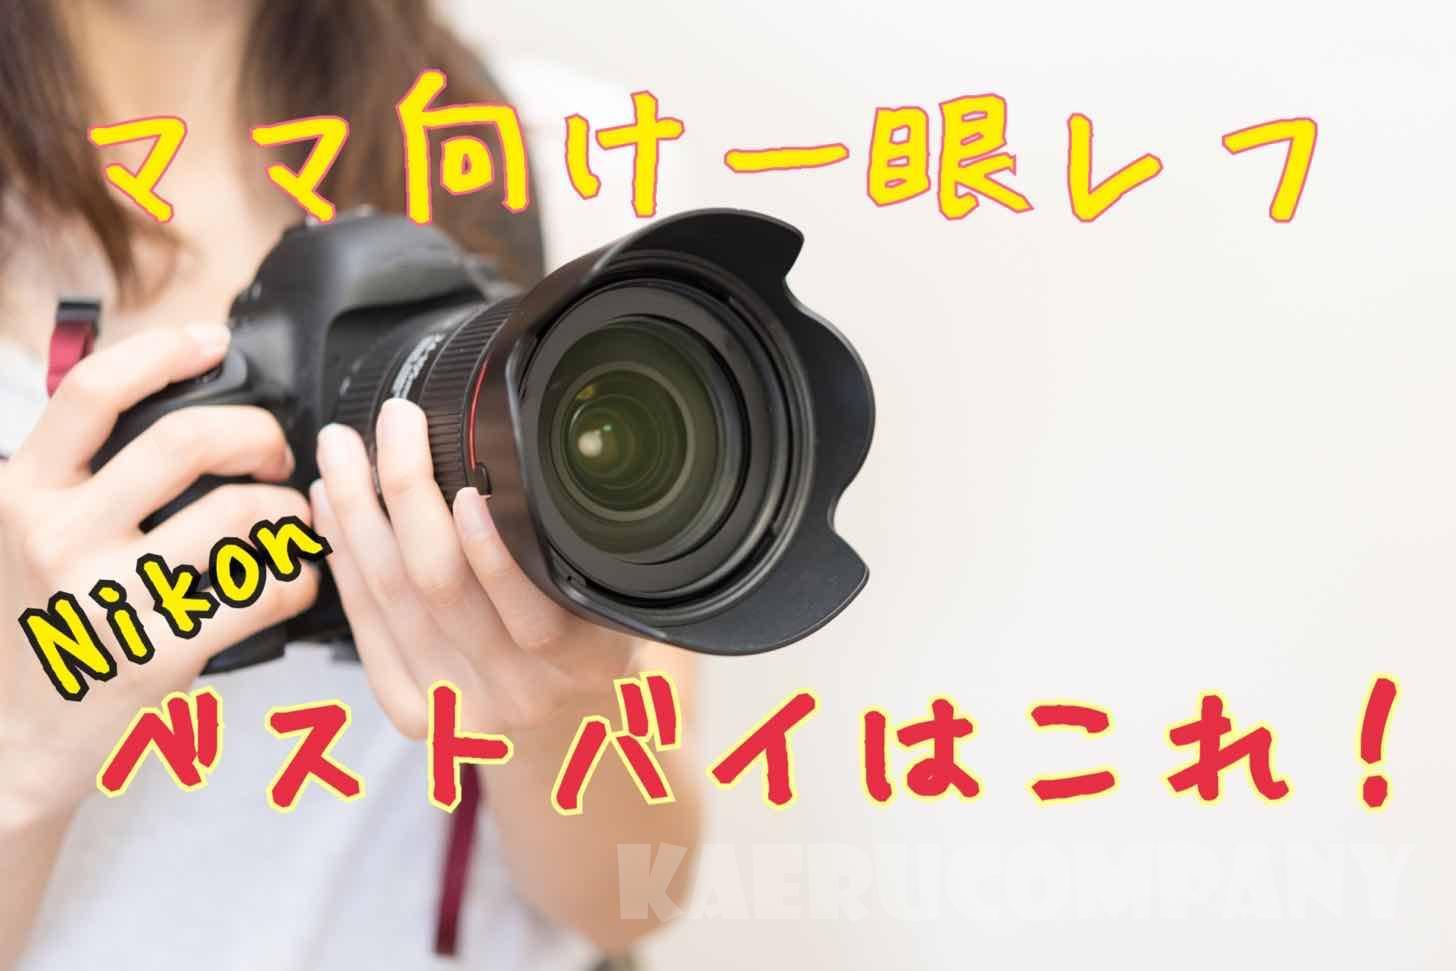 【2021最新】カメラママが教えるママ向けNikon一眼レフベストバイはこれ!D3600、D5600、D7500を主婦目線で比較した